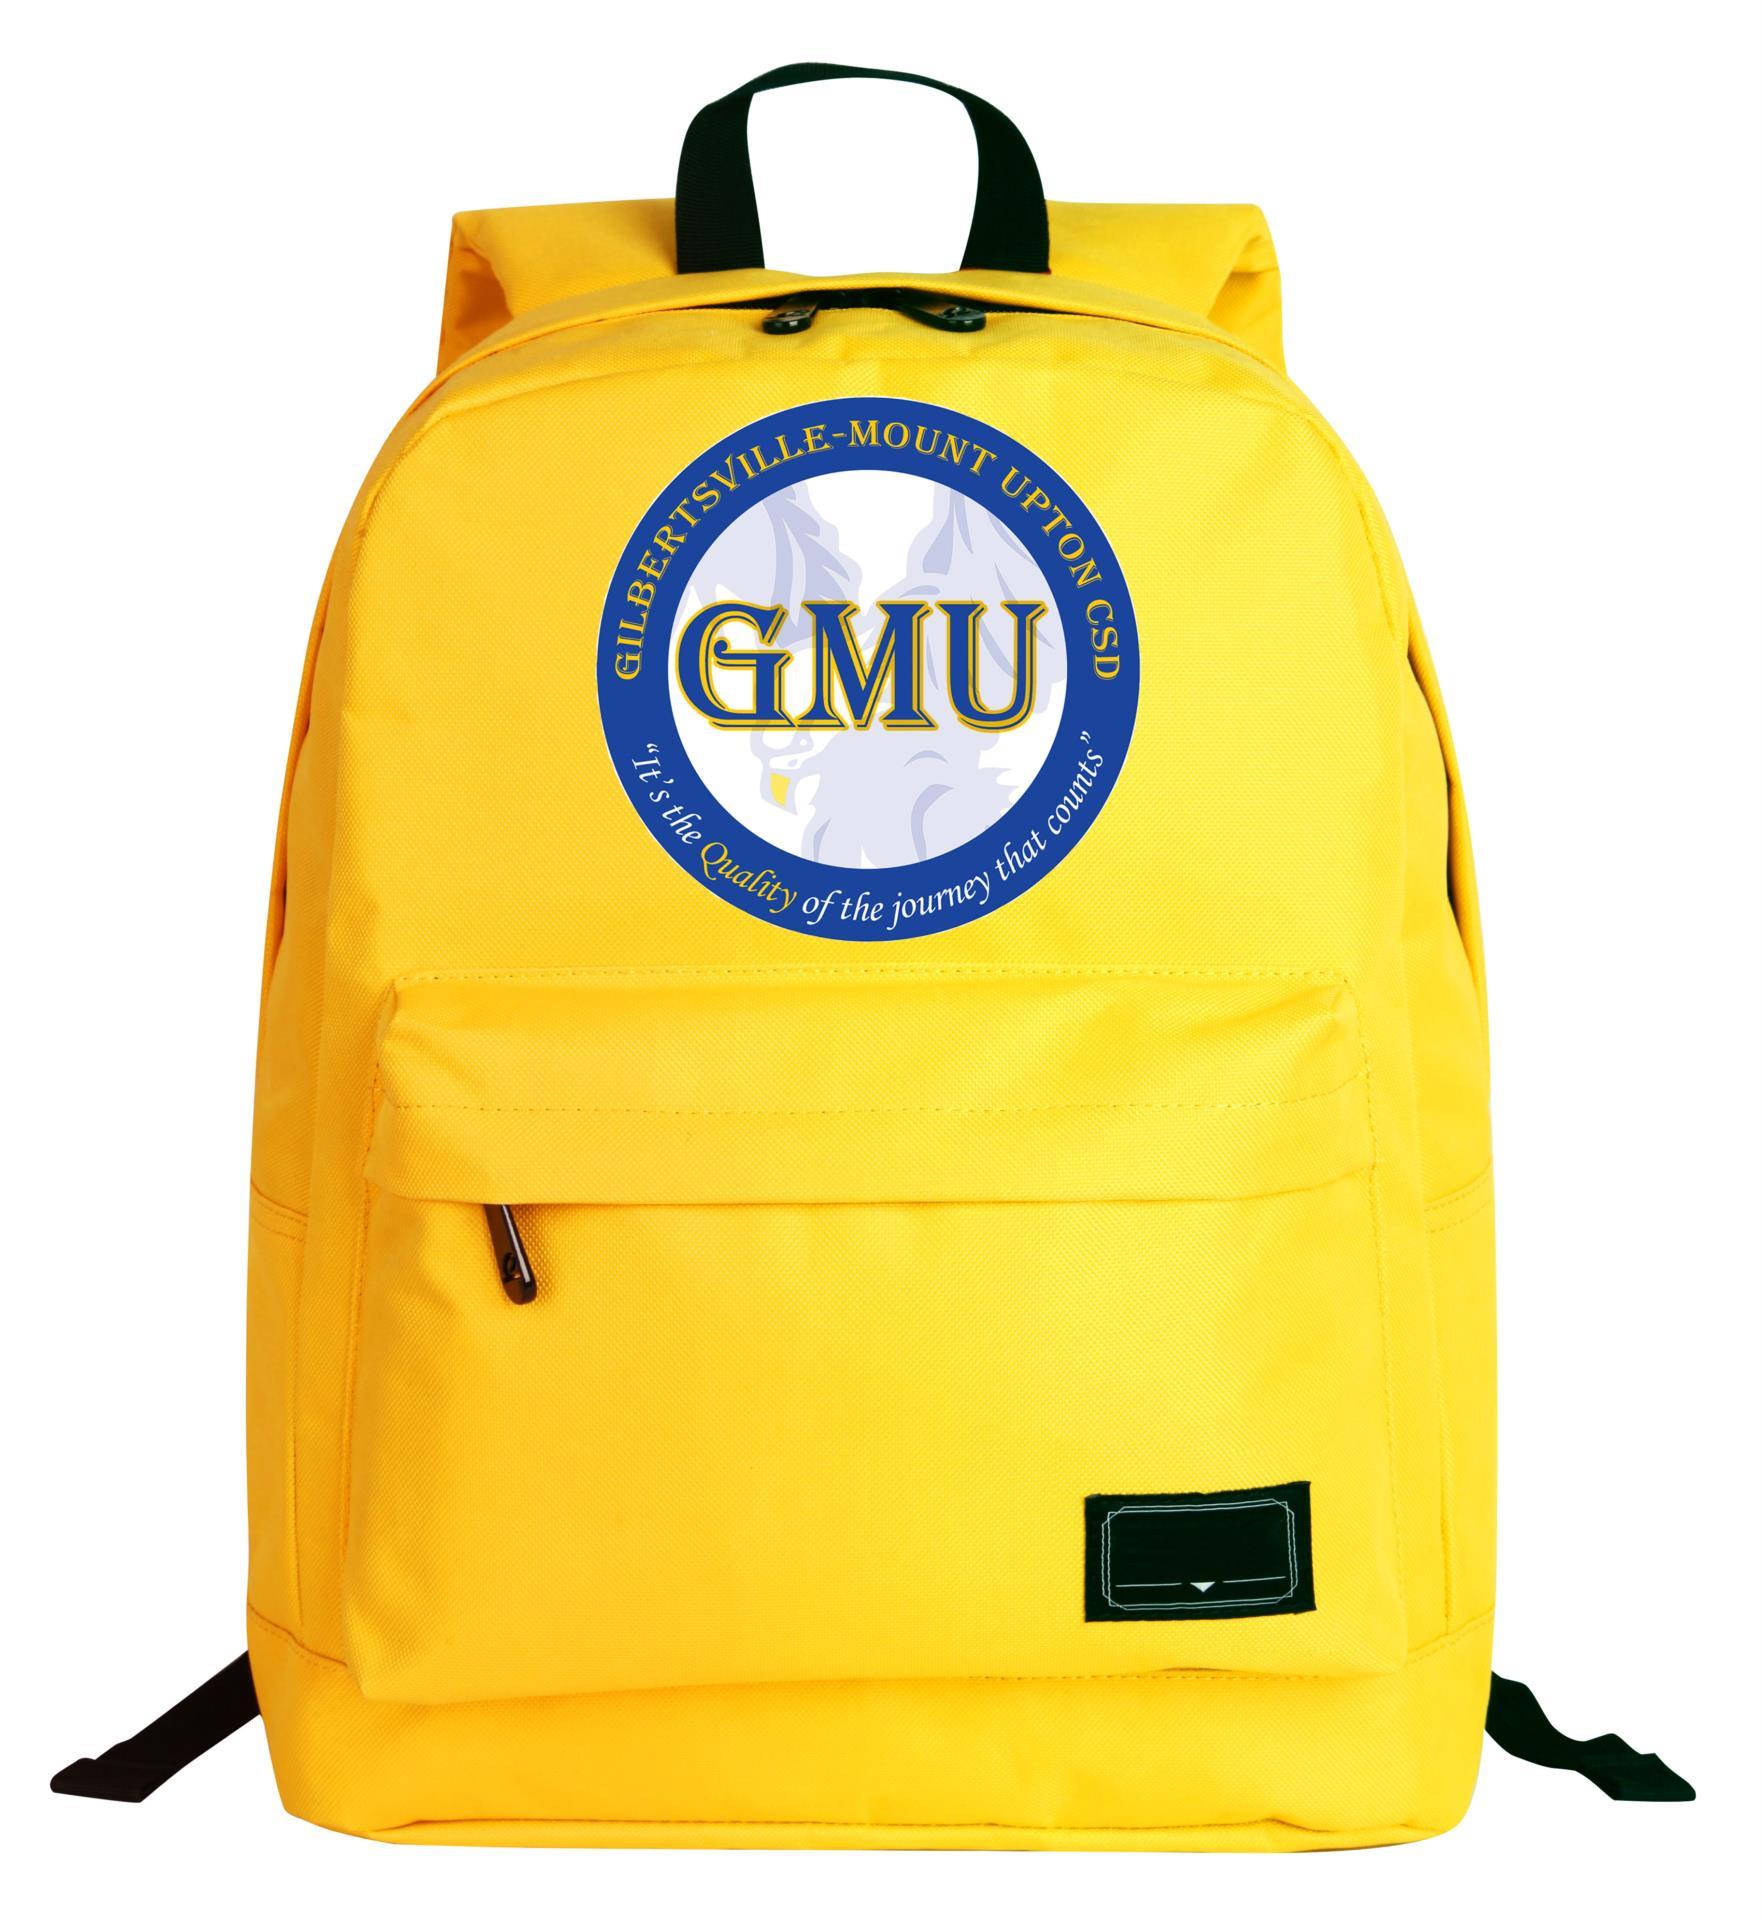 GMU Backpack